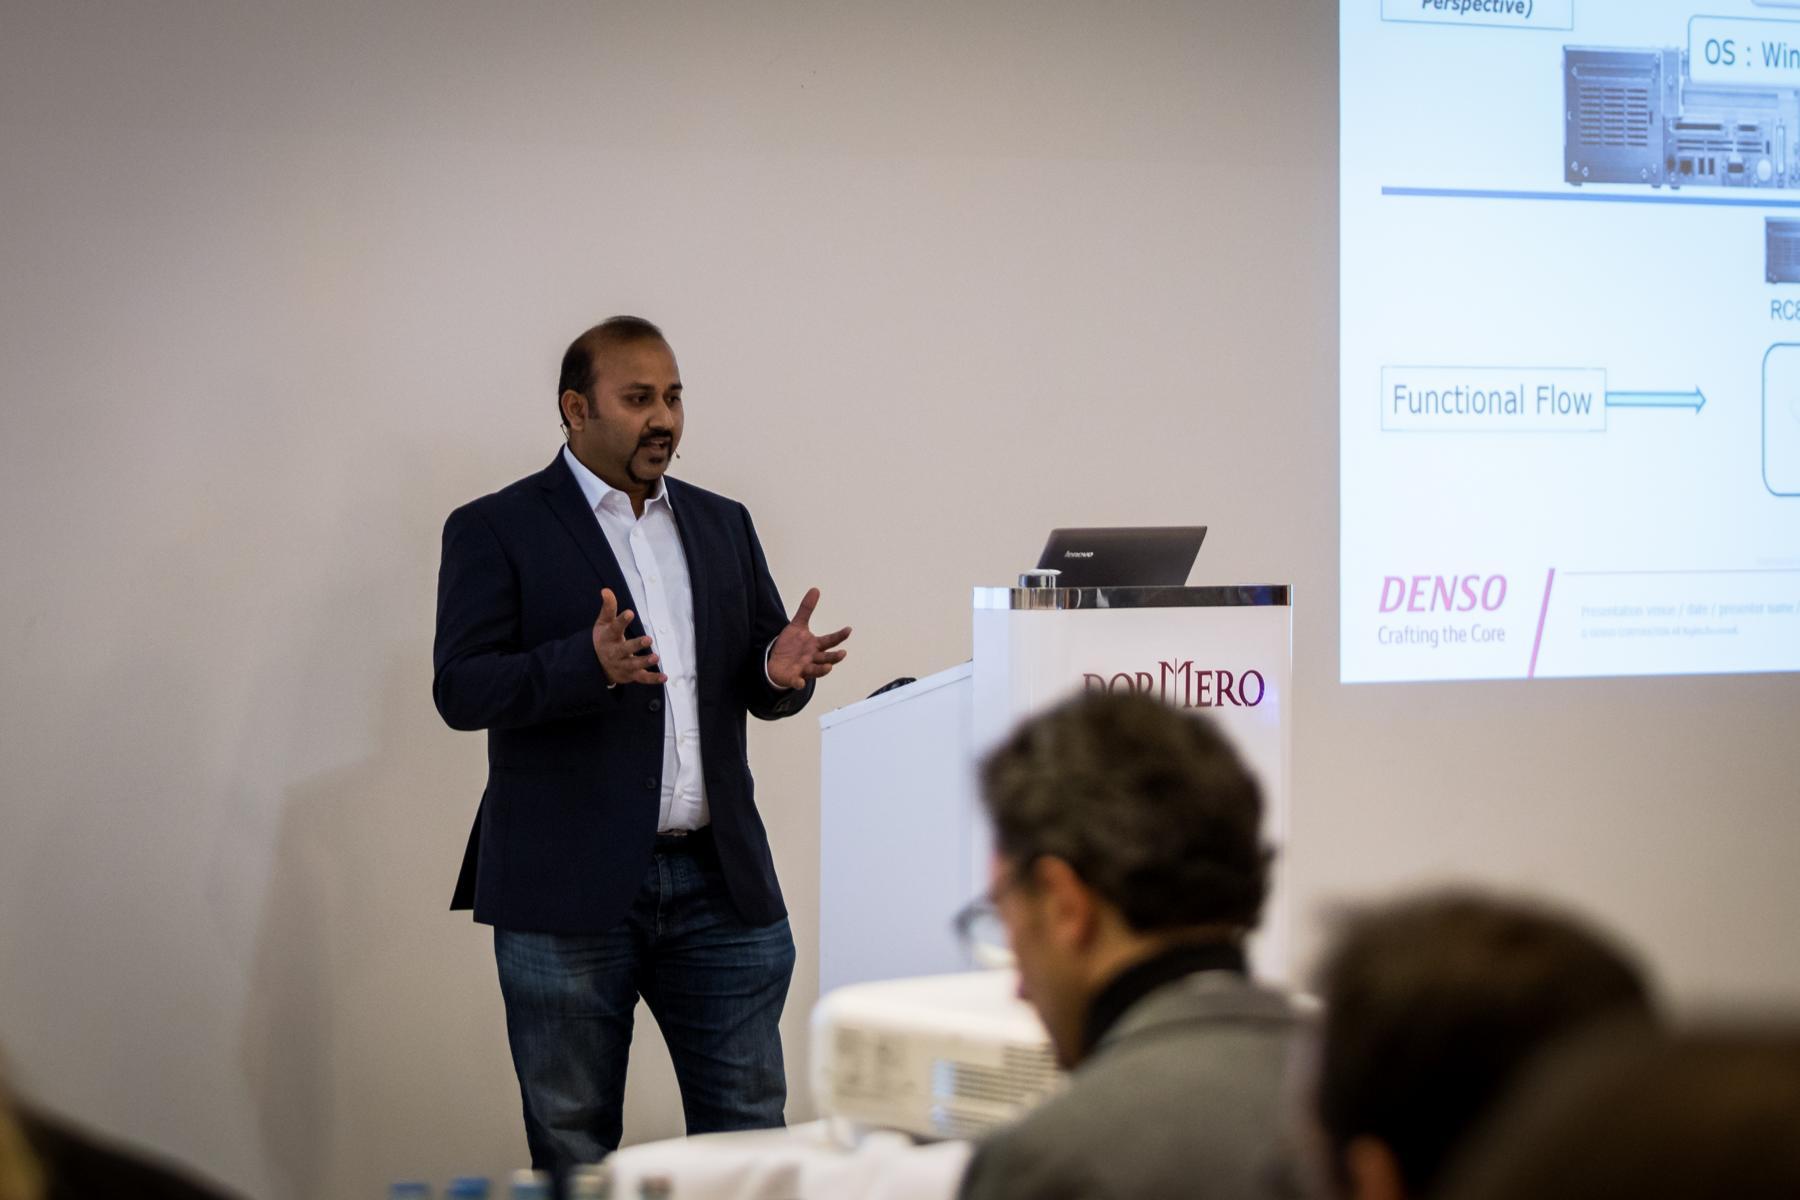 Arun Damodaran (Denso) at ROS-Inudstrial Conference 2018